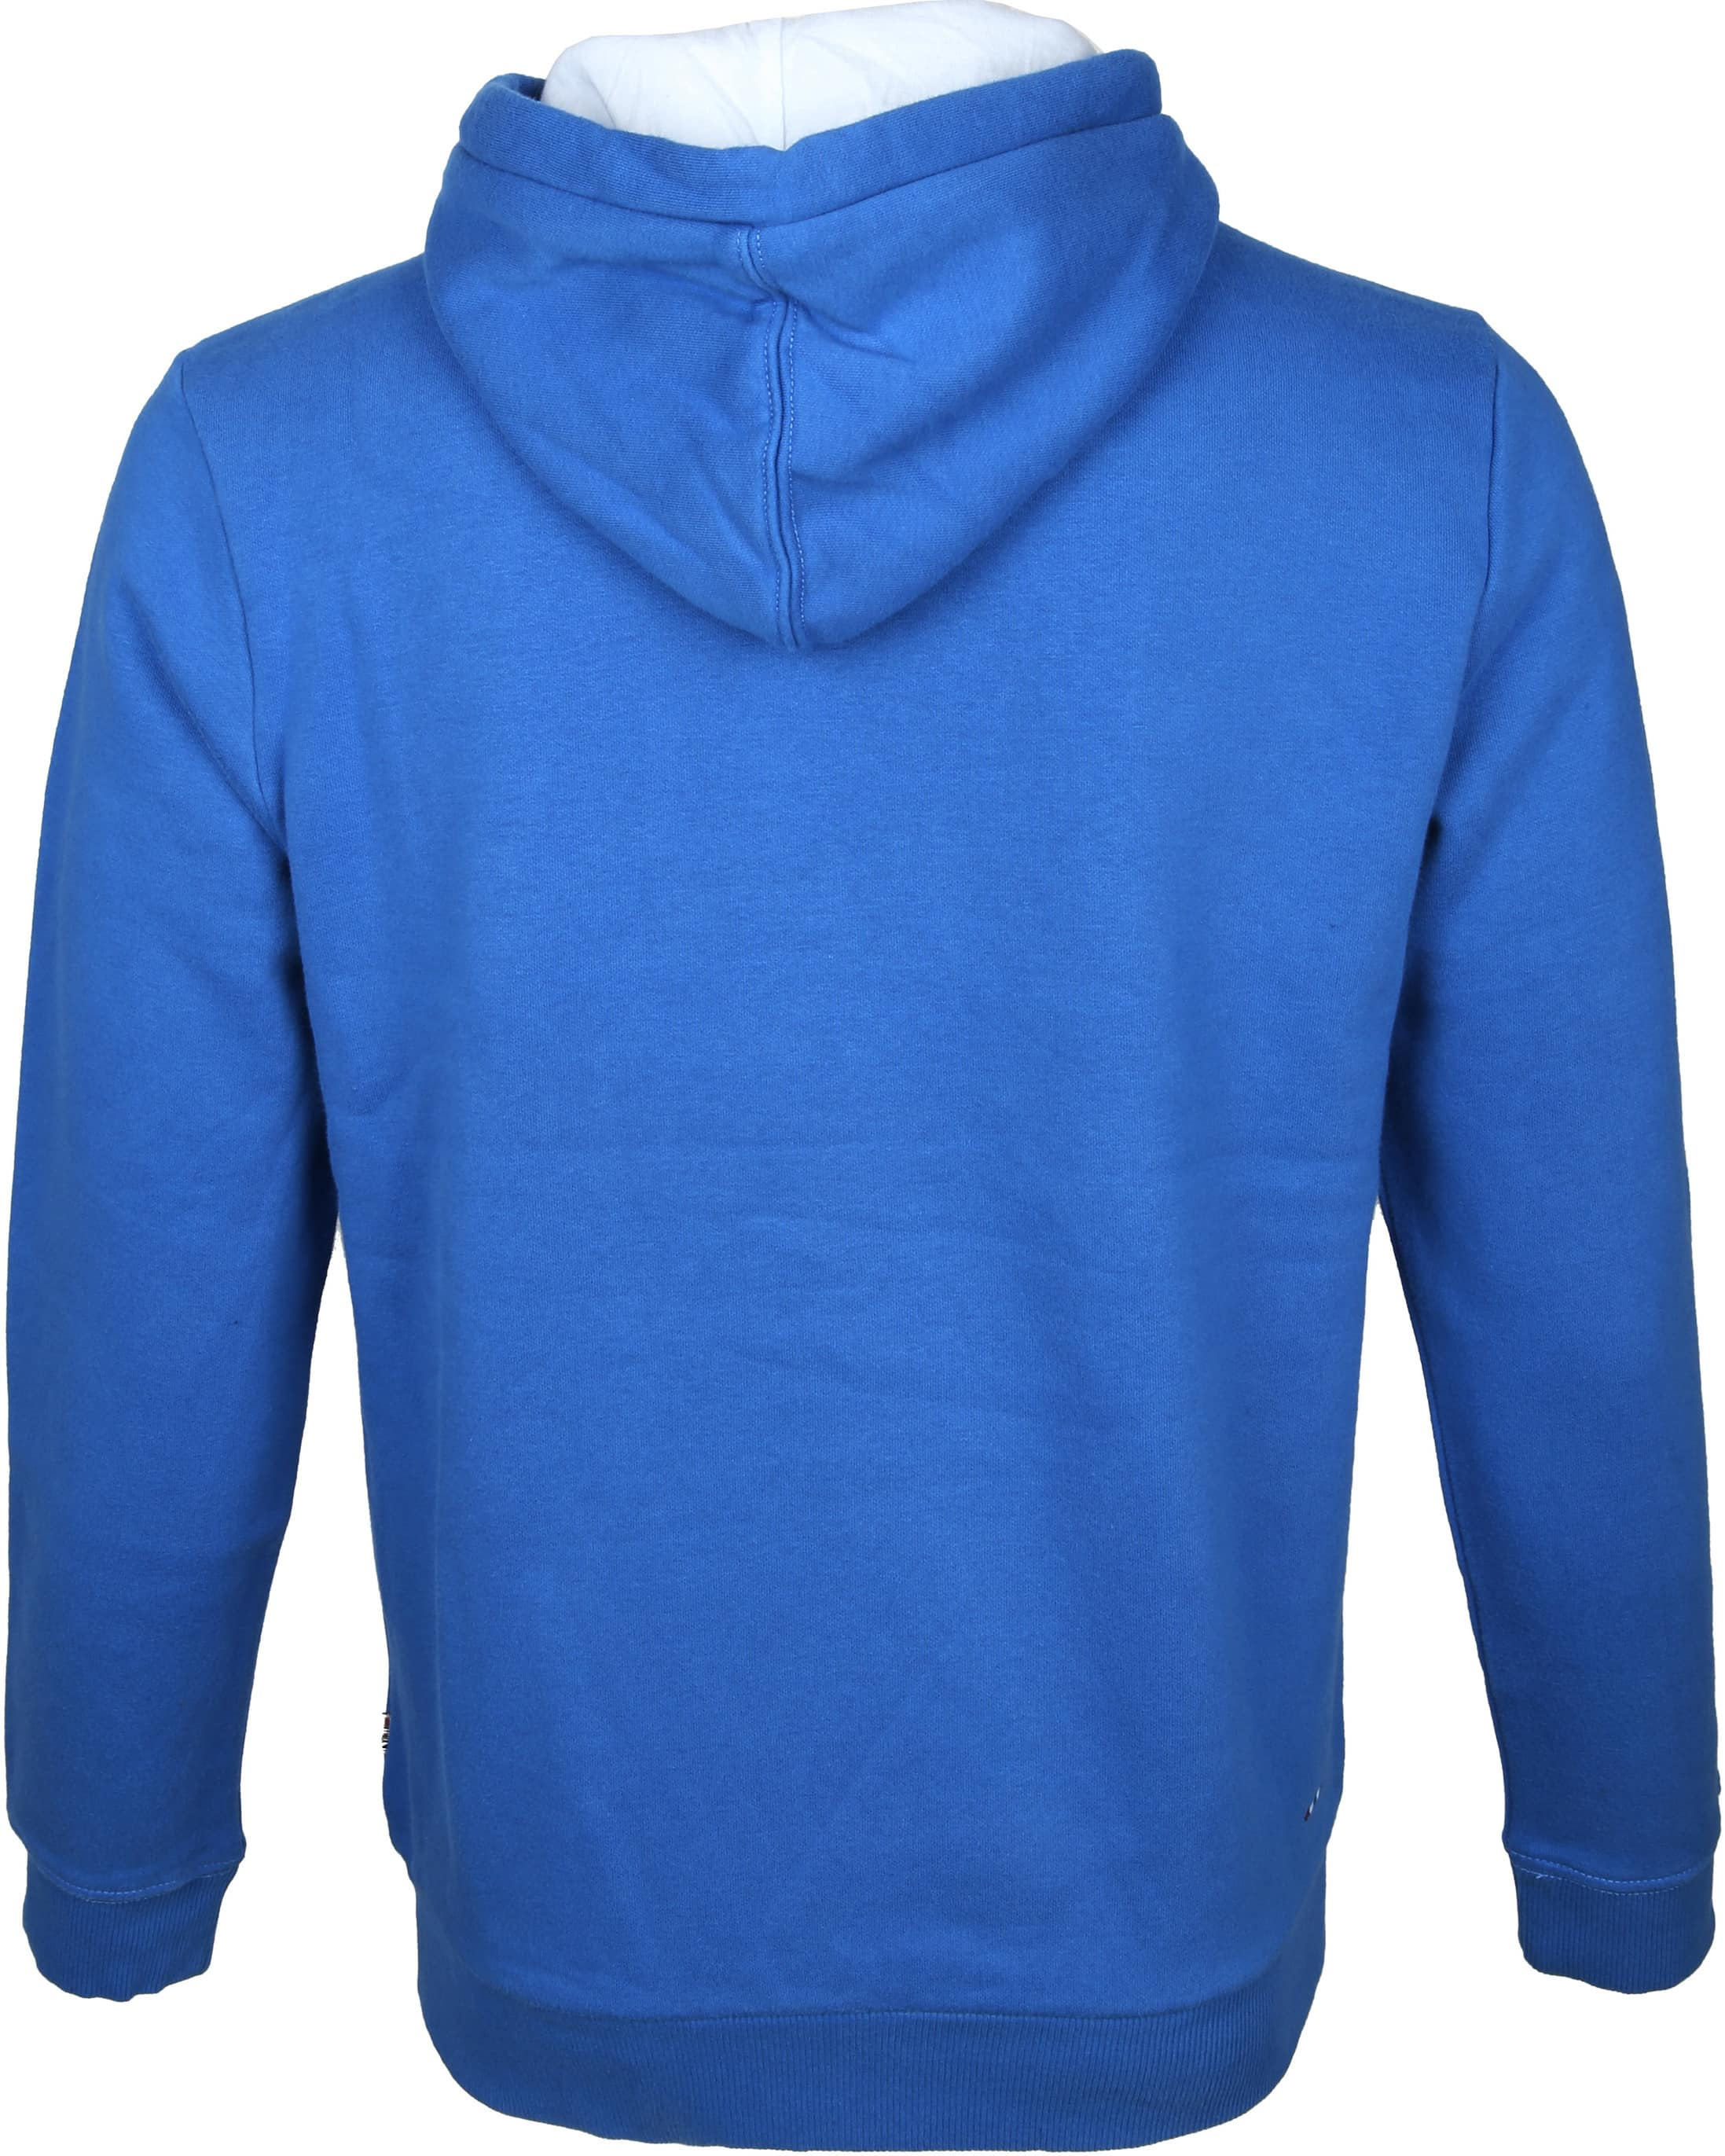 Napapijri Sweater Burgee Kobalt Blauw foto 3